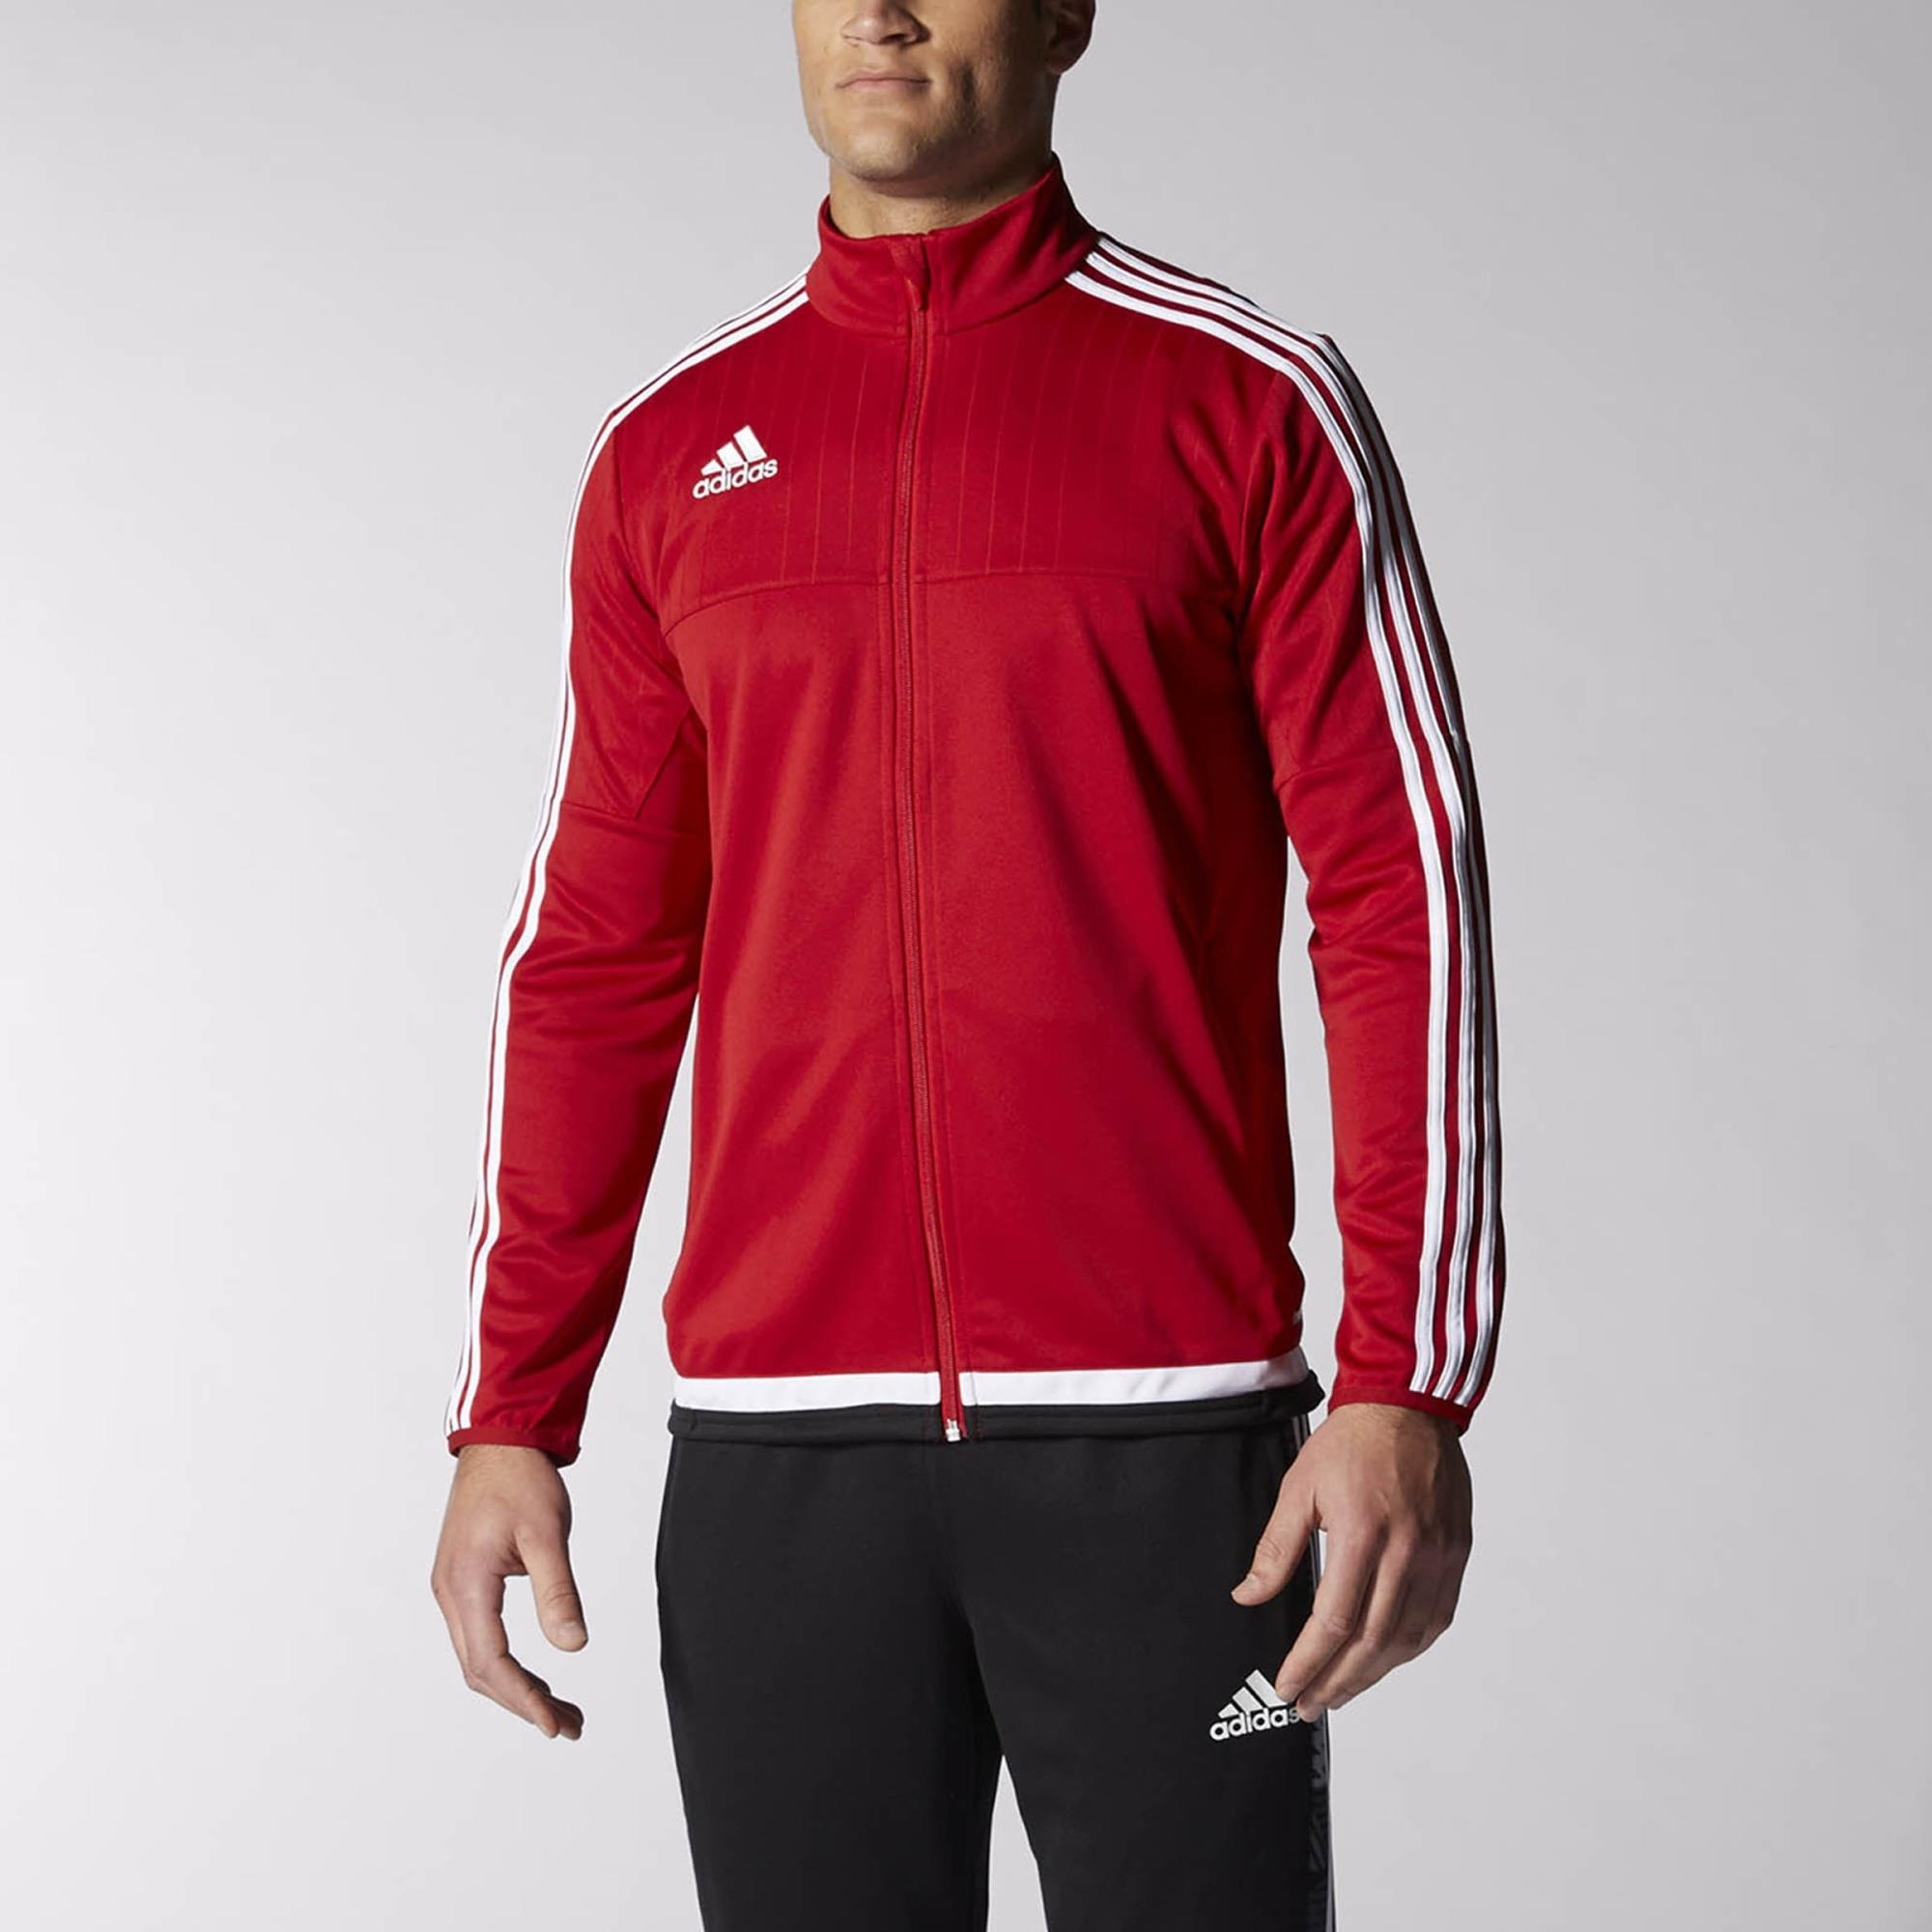 Tiro RedUs Jacket 15 Training Adidas 76mYIbfgyv